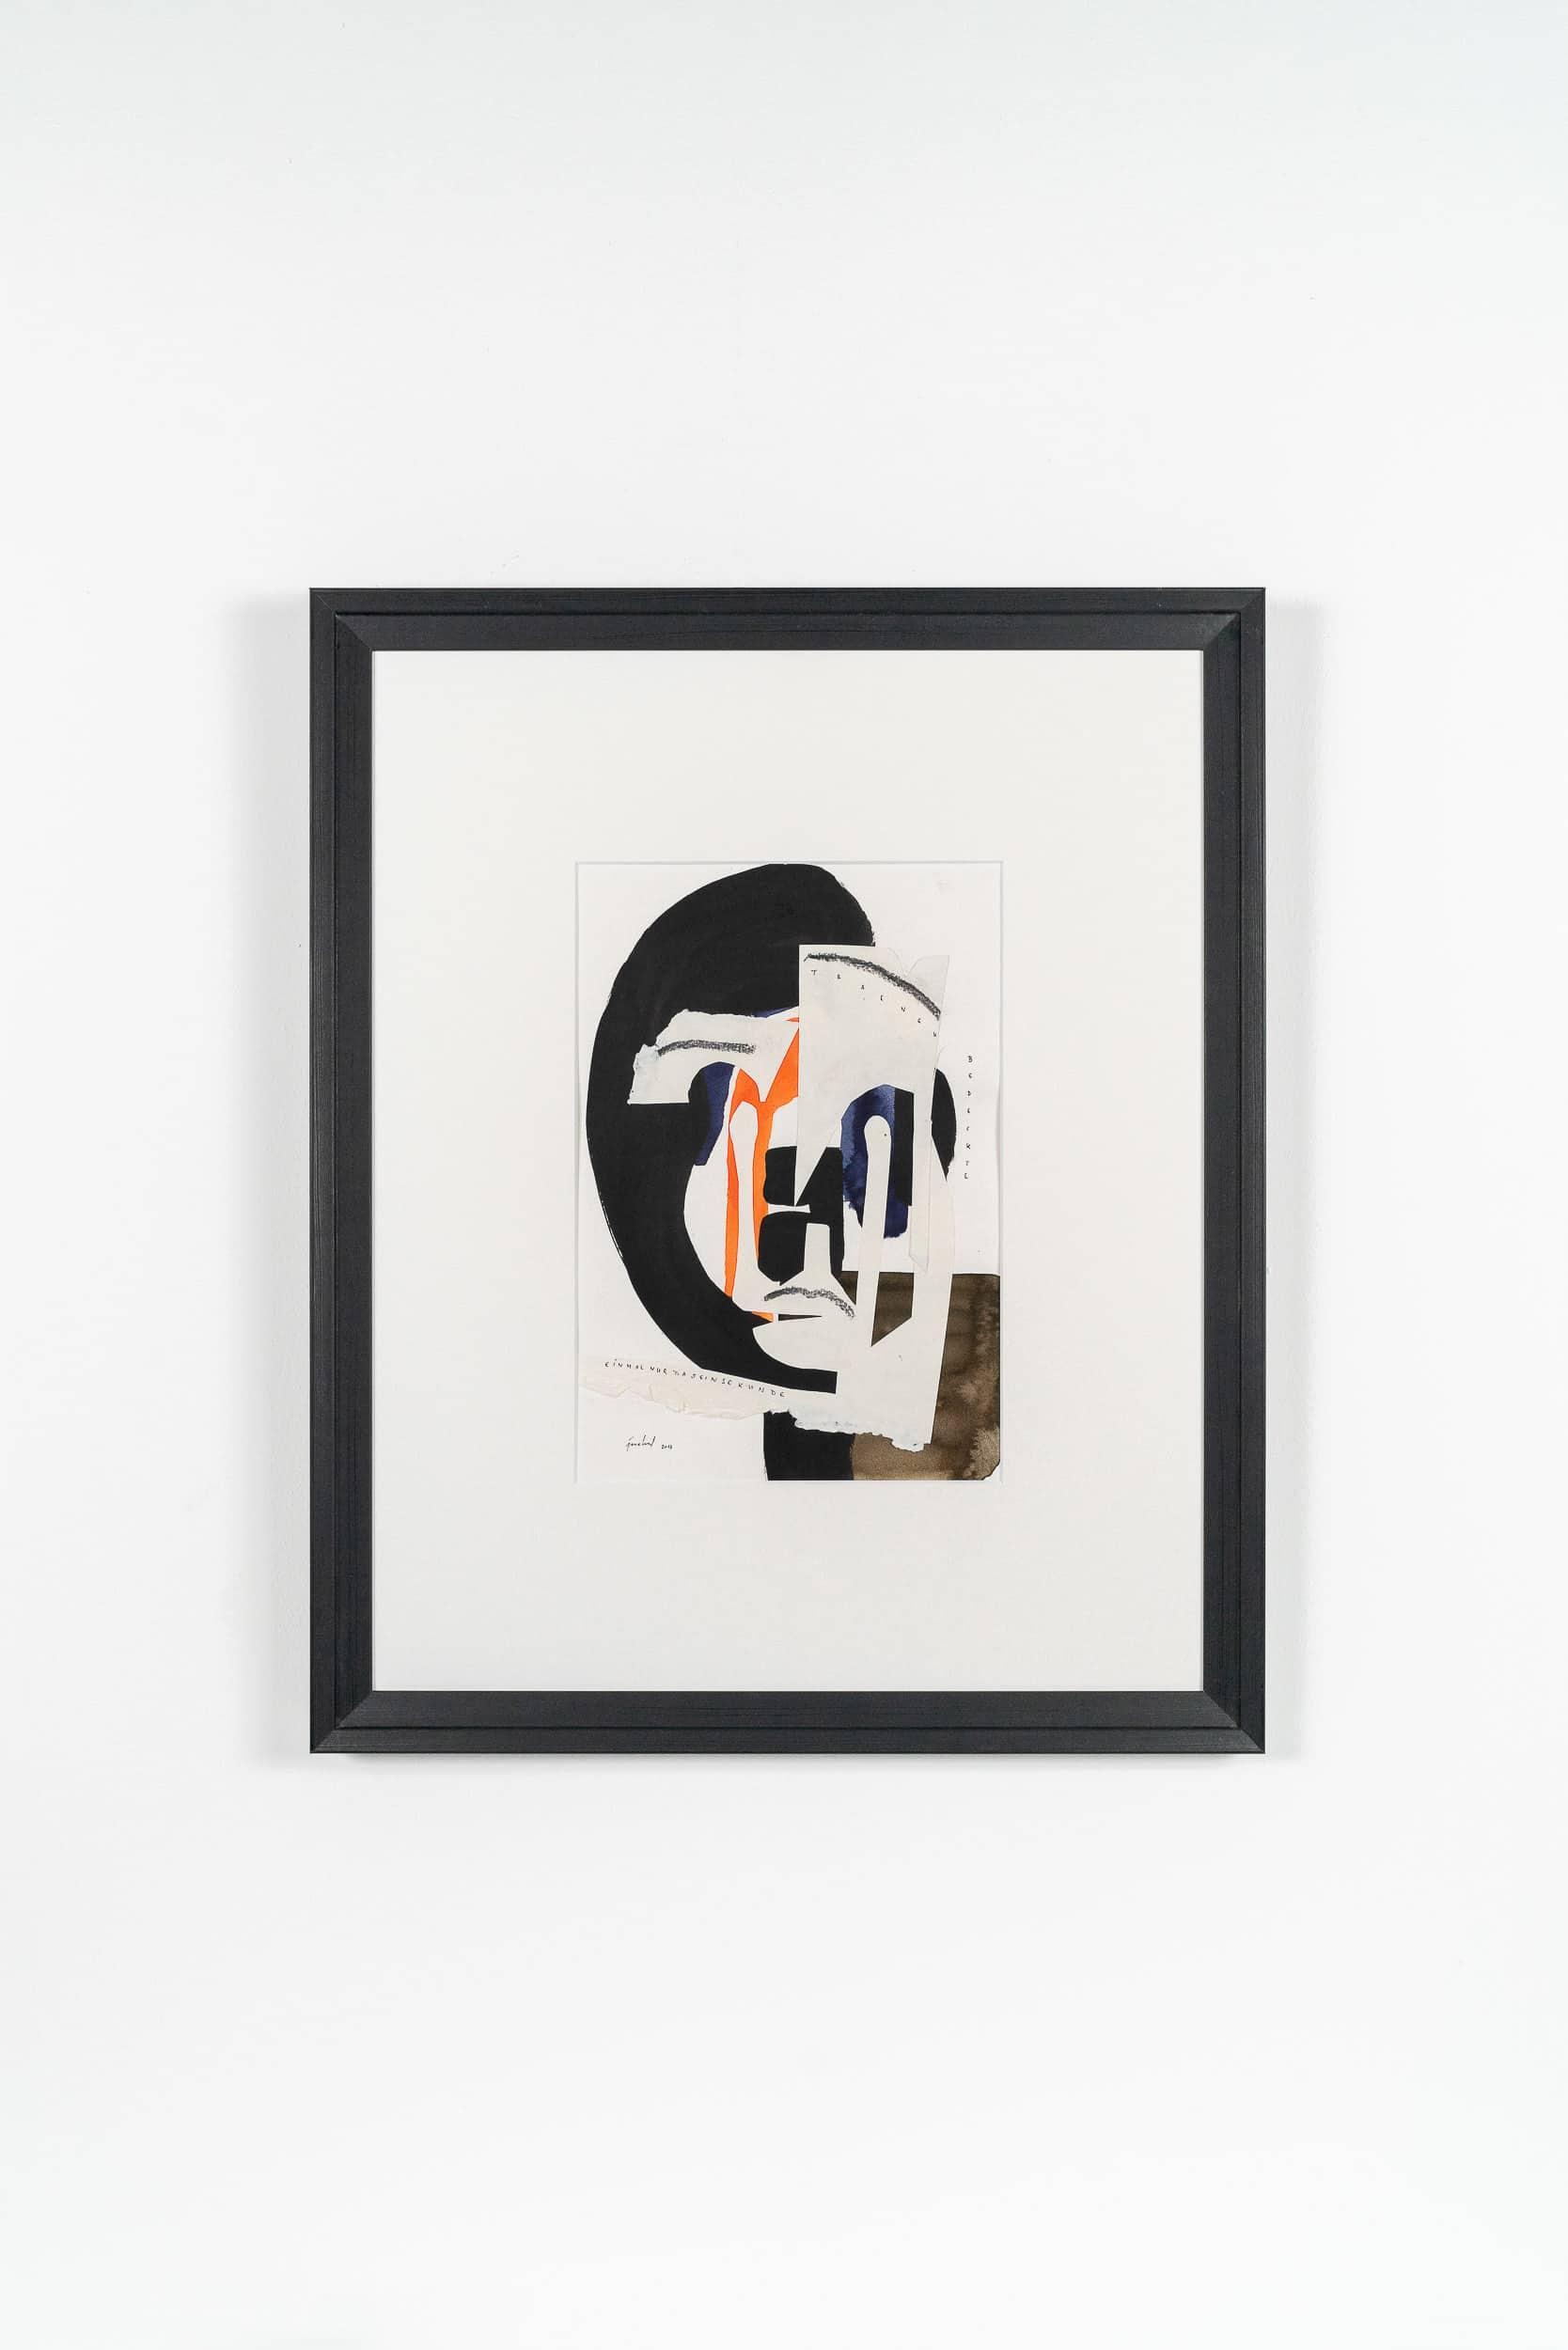 EG01 Gesicht 01 40 × 50 cm Tusche / Papierschnitt / Papier 2013